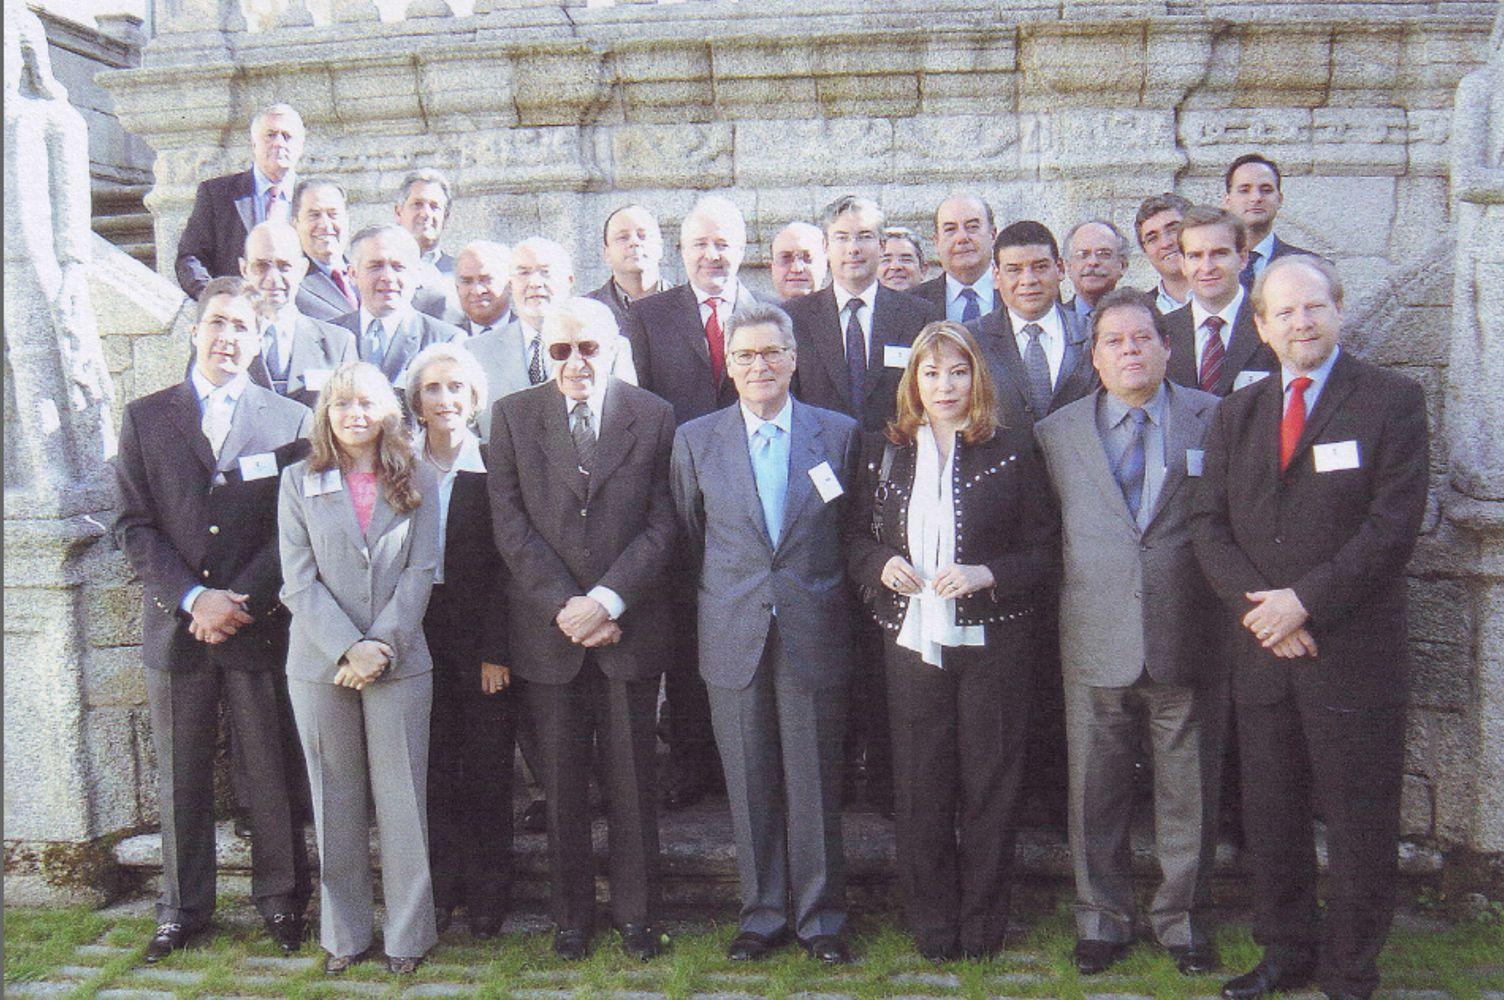 Foto de grupo: 8 de Octubre de 2004 en La Coruña (España)